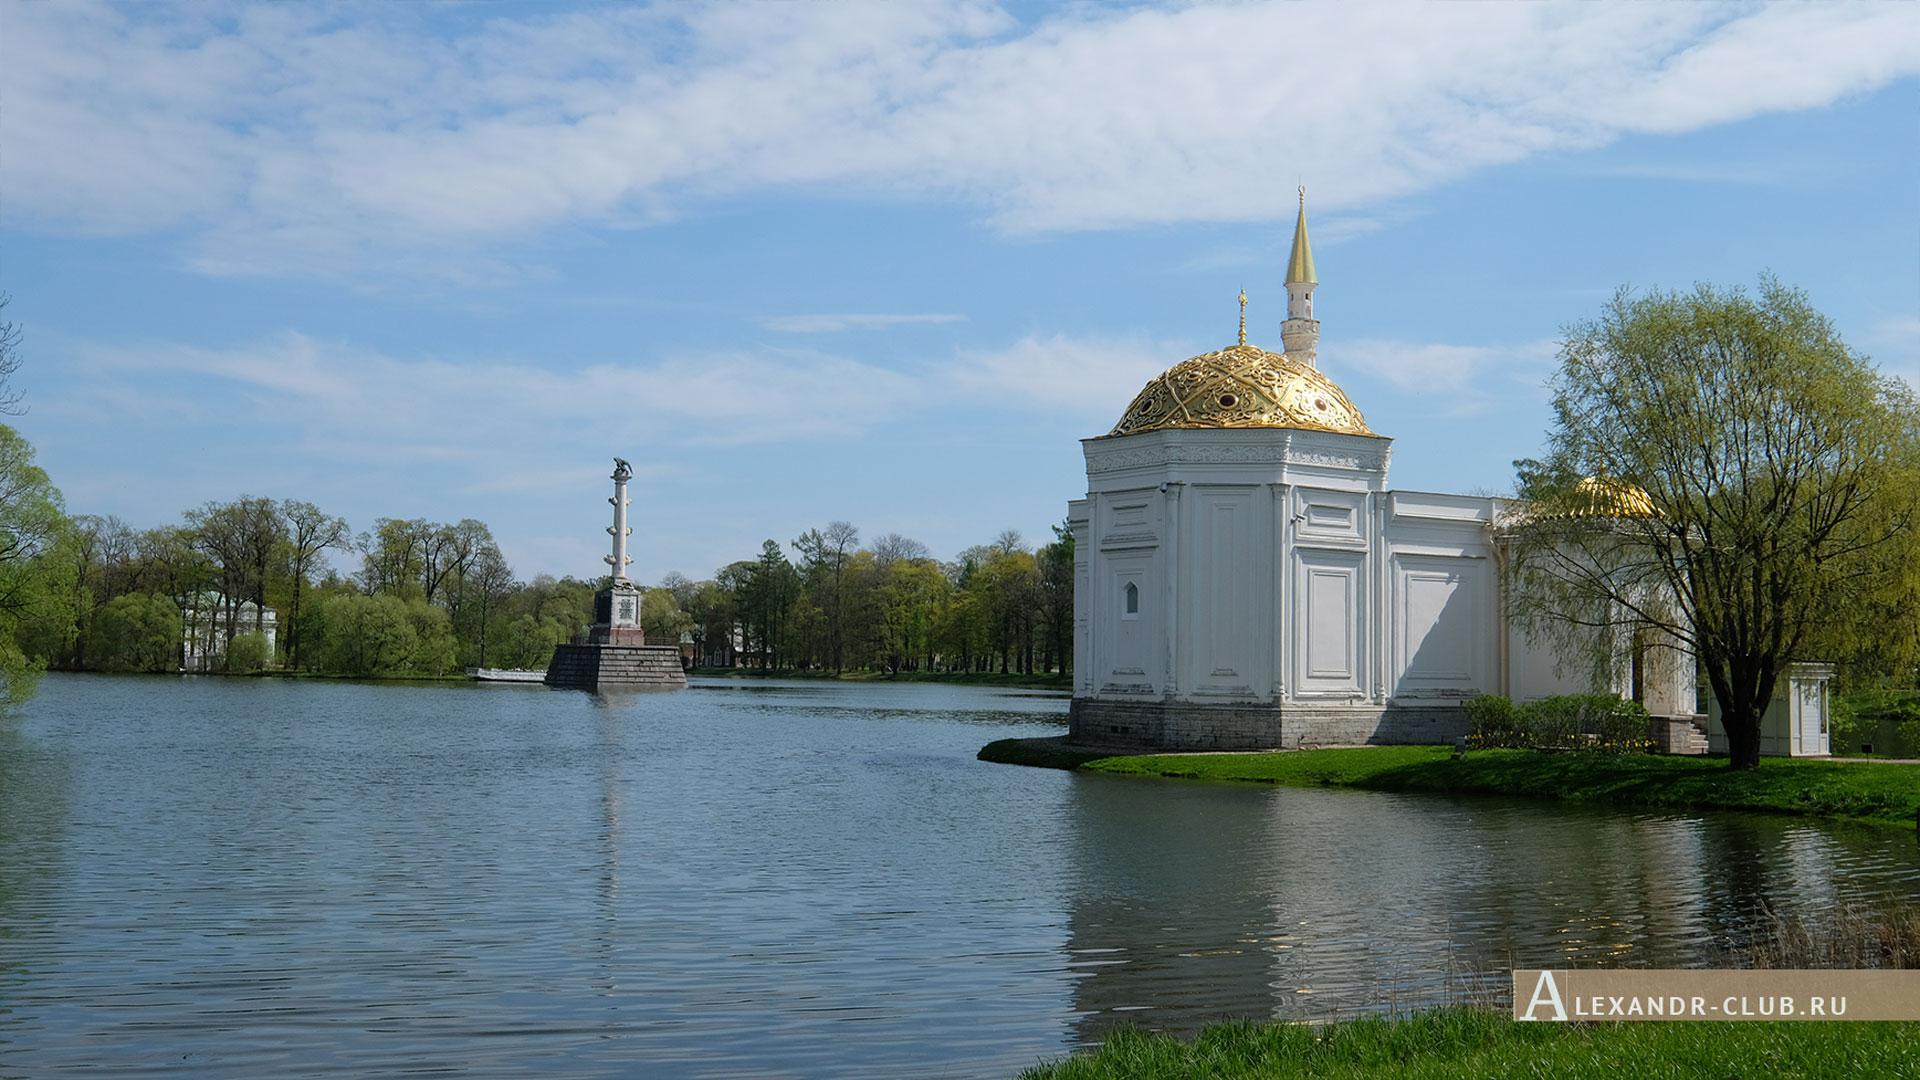 Царское Село, весна, Екатерининский парк, павильон «Турецкая баня» и Чесменская колонна